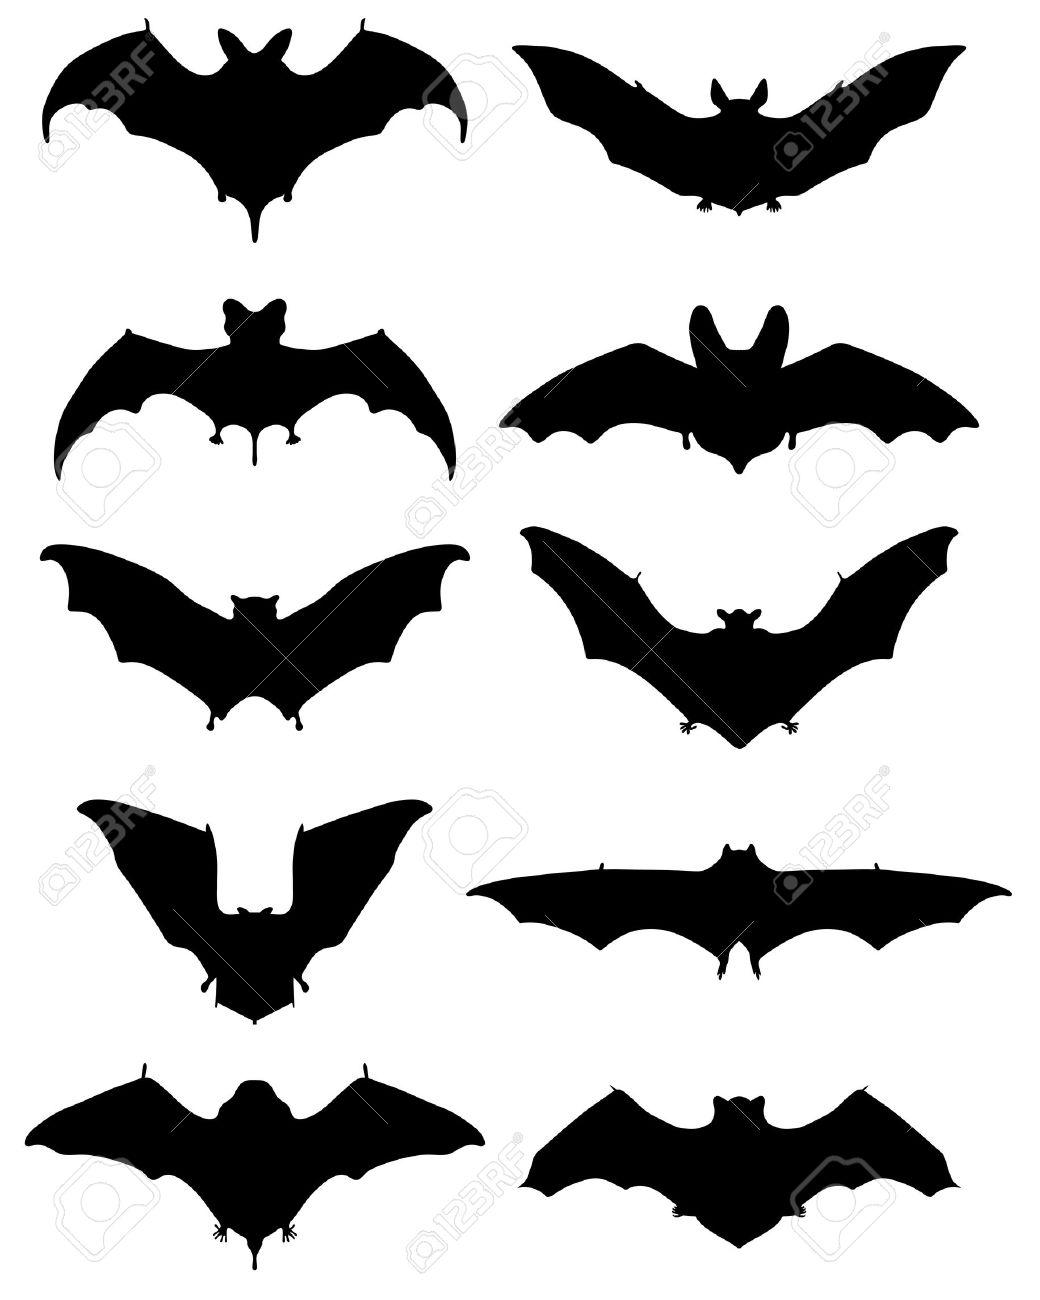 異なるコウモリ イラストの黒いシルエットのイラスト素材ベクタ